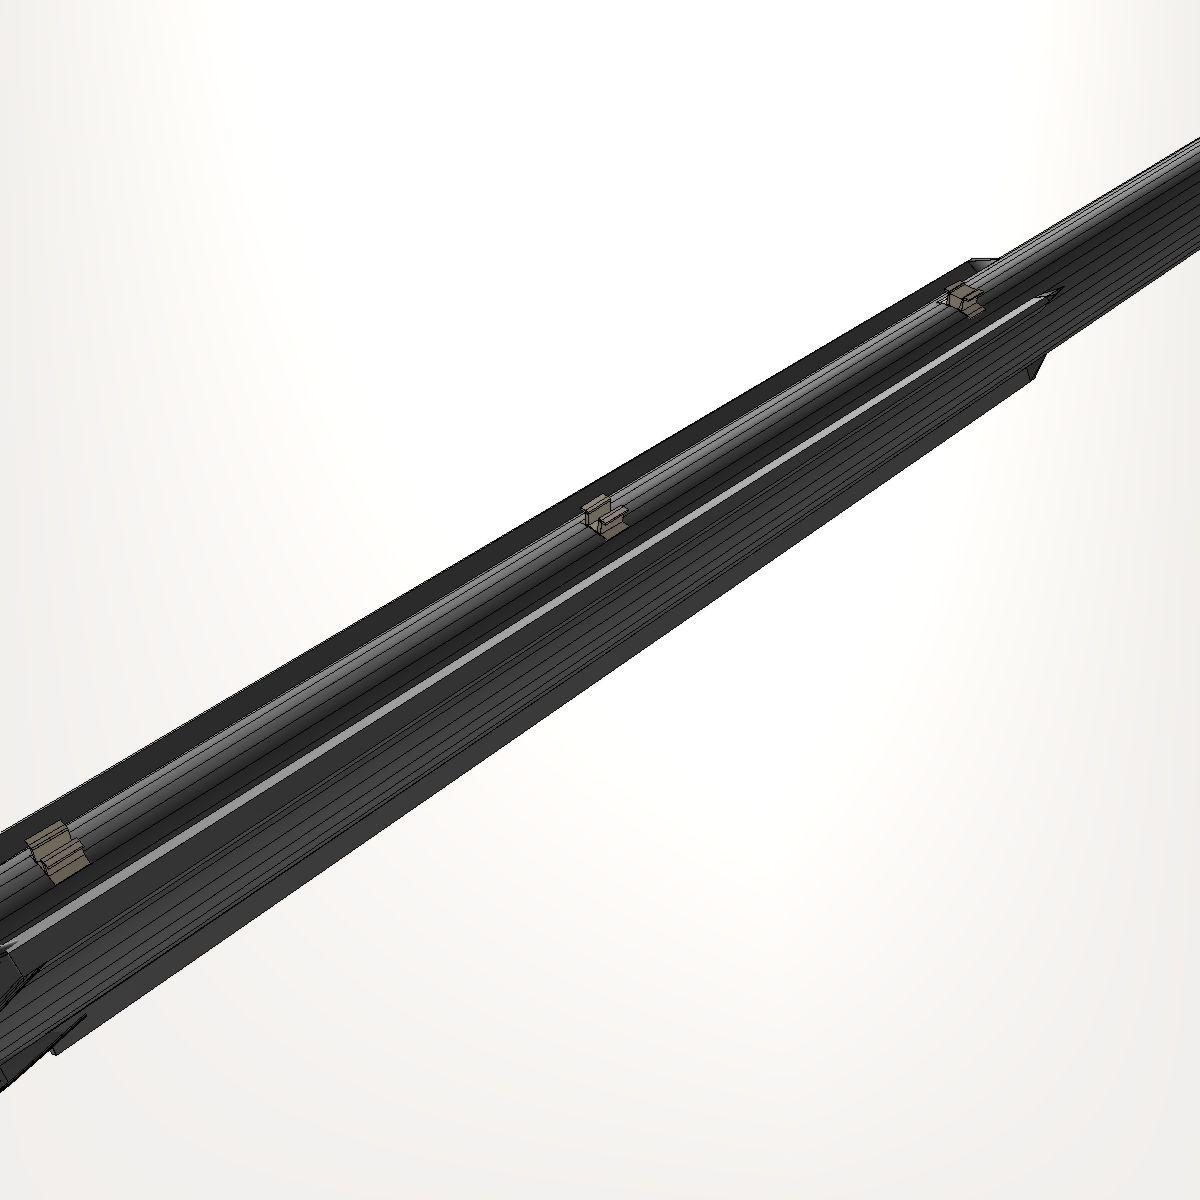 a-darter havadan havaya mərmi 3d modeli 3ds dxf cob x obj 151890